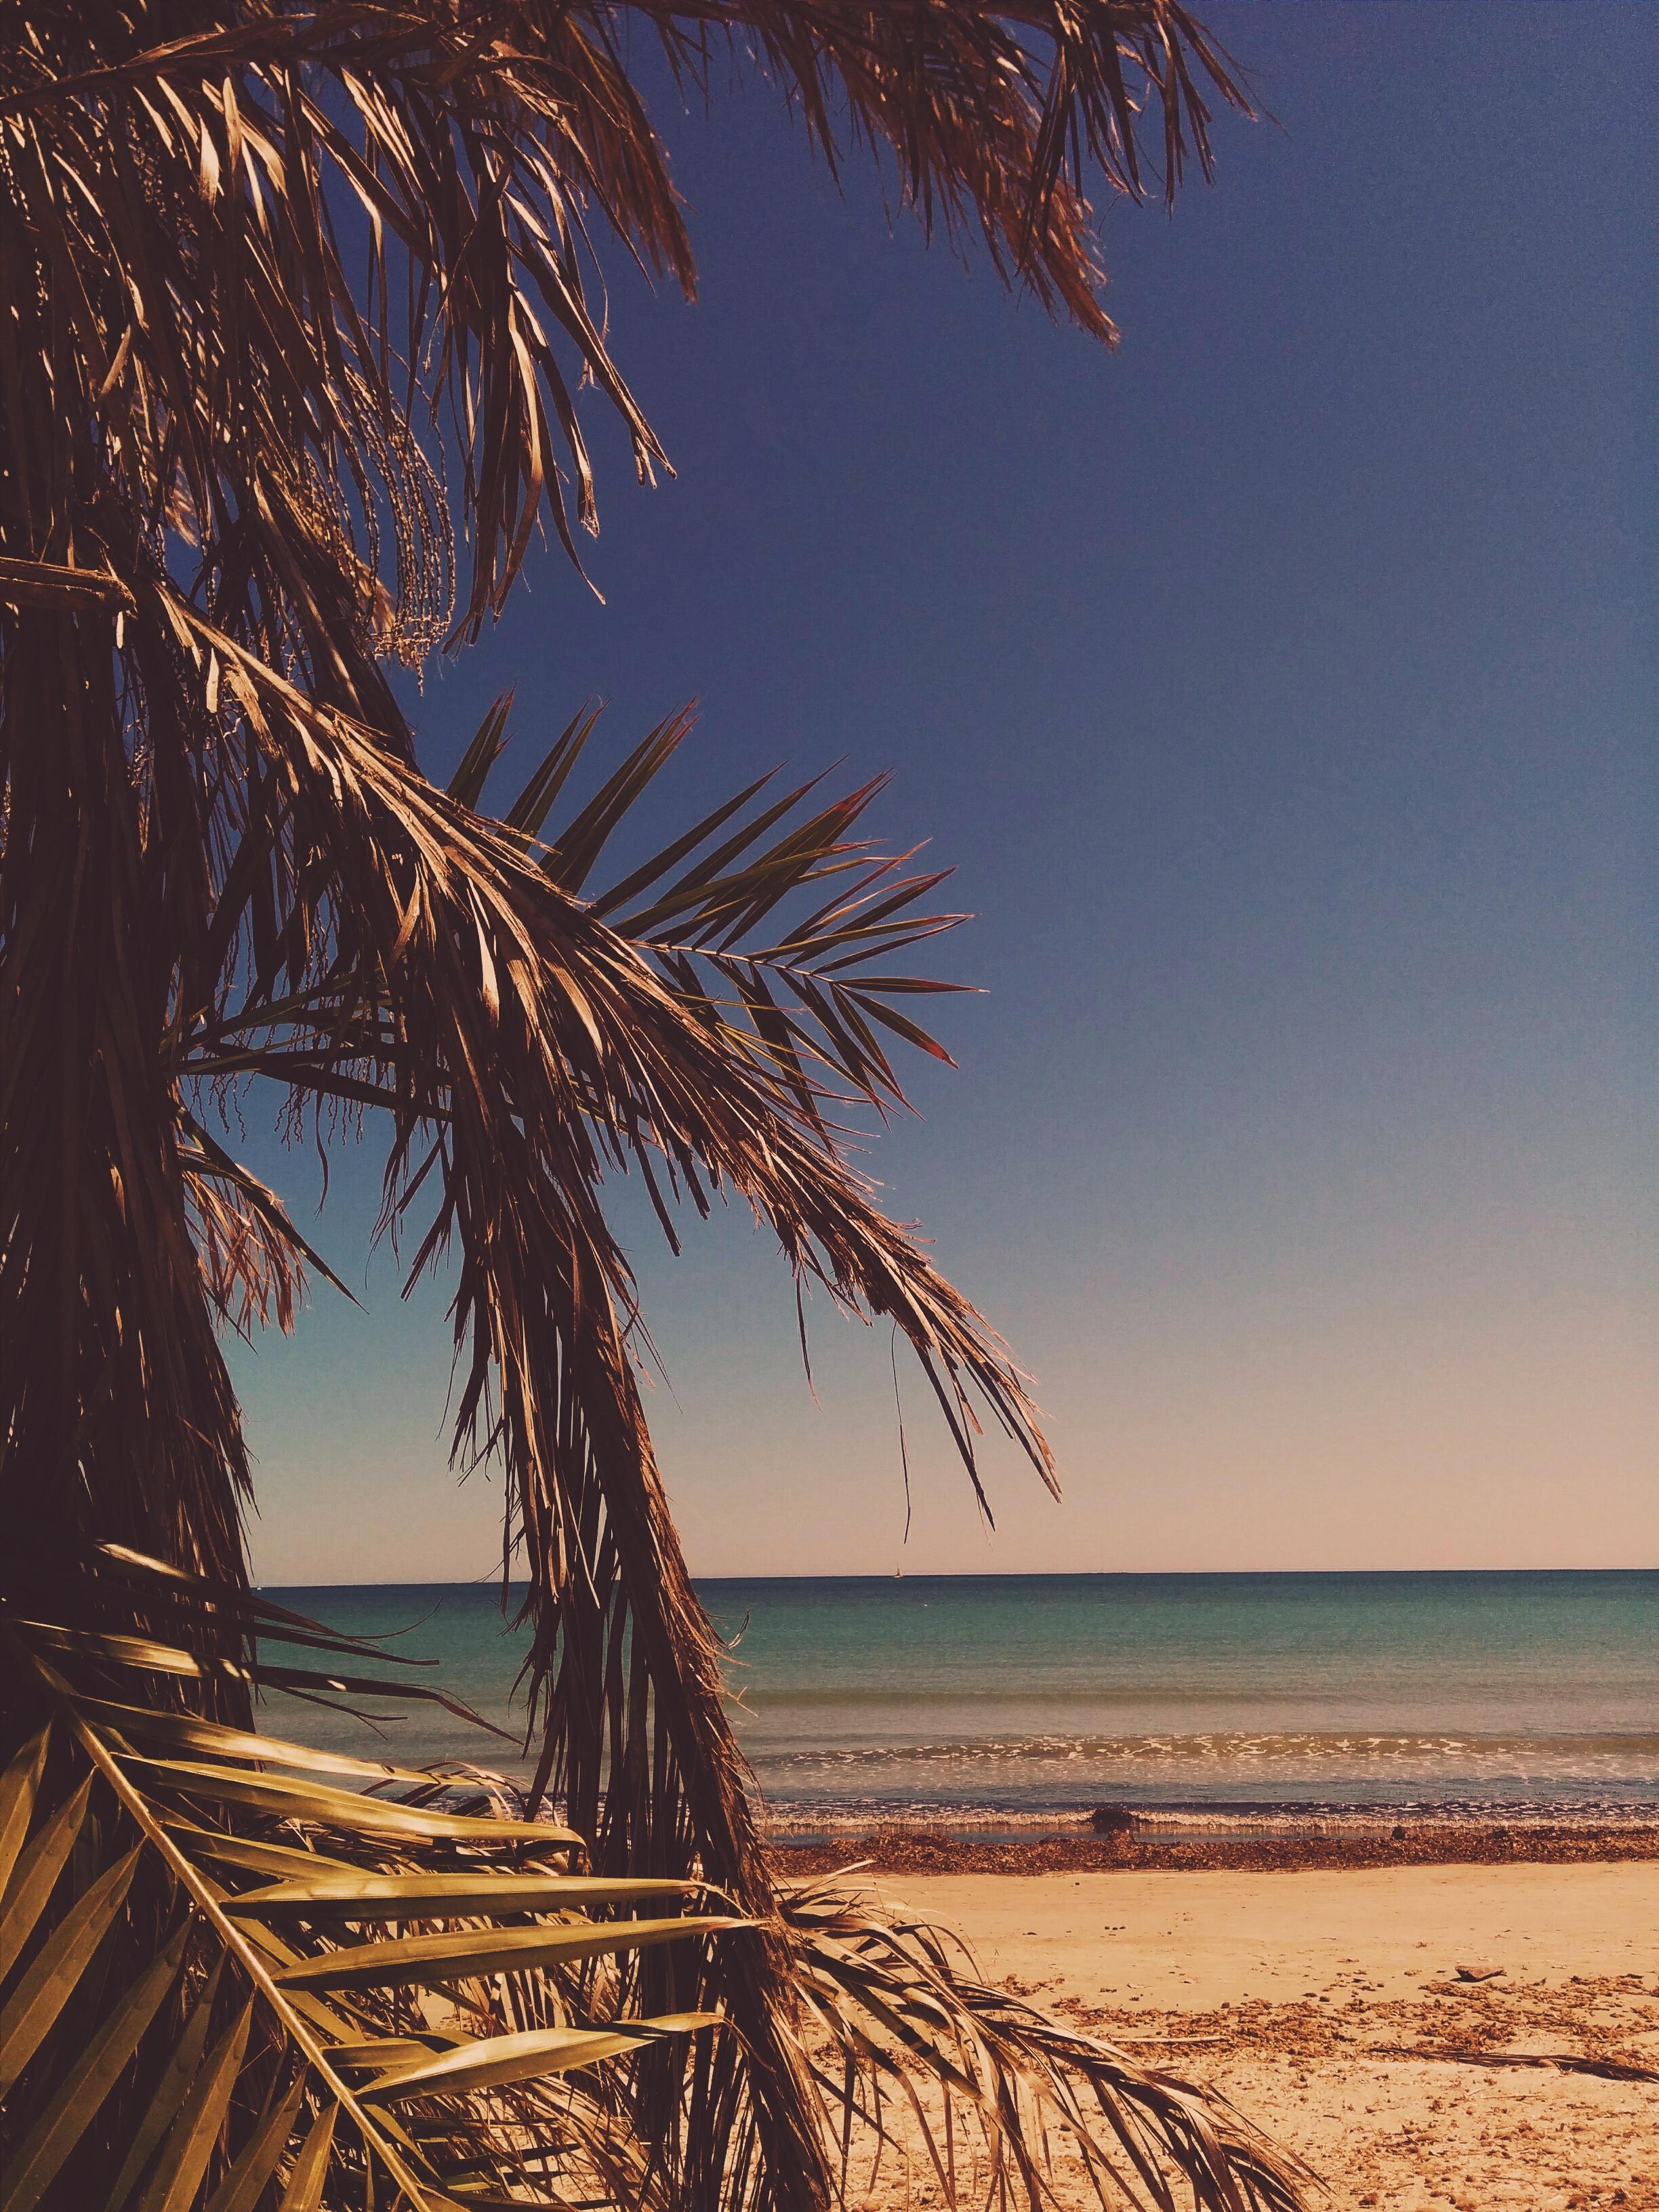 Профессиональное фото море солнце ветка пальмы